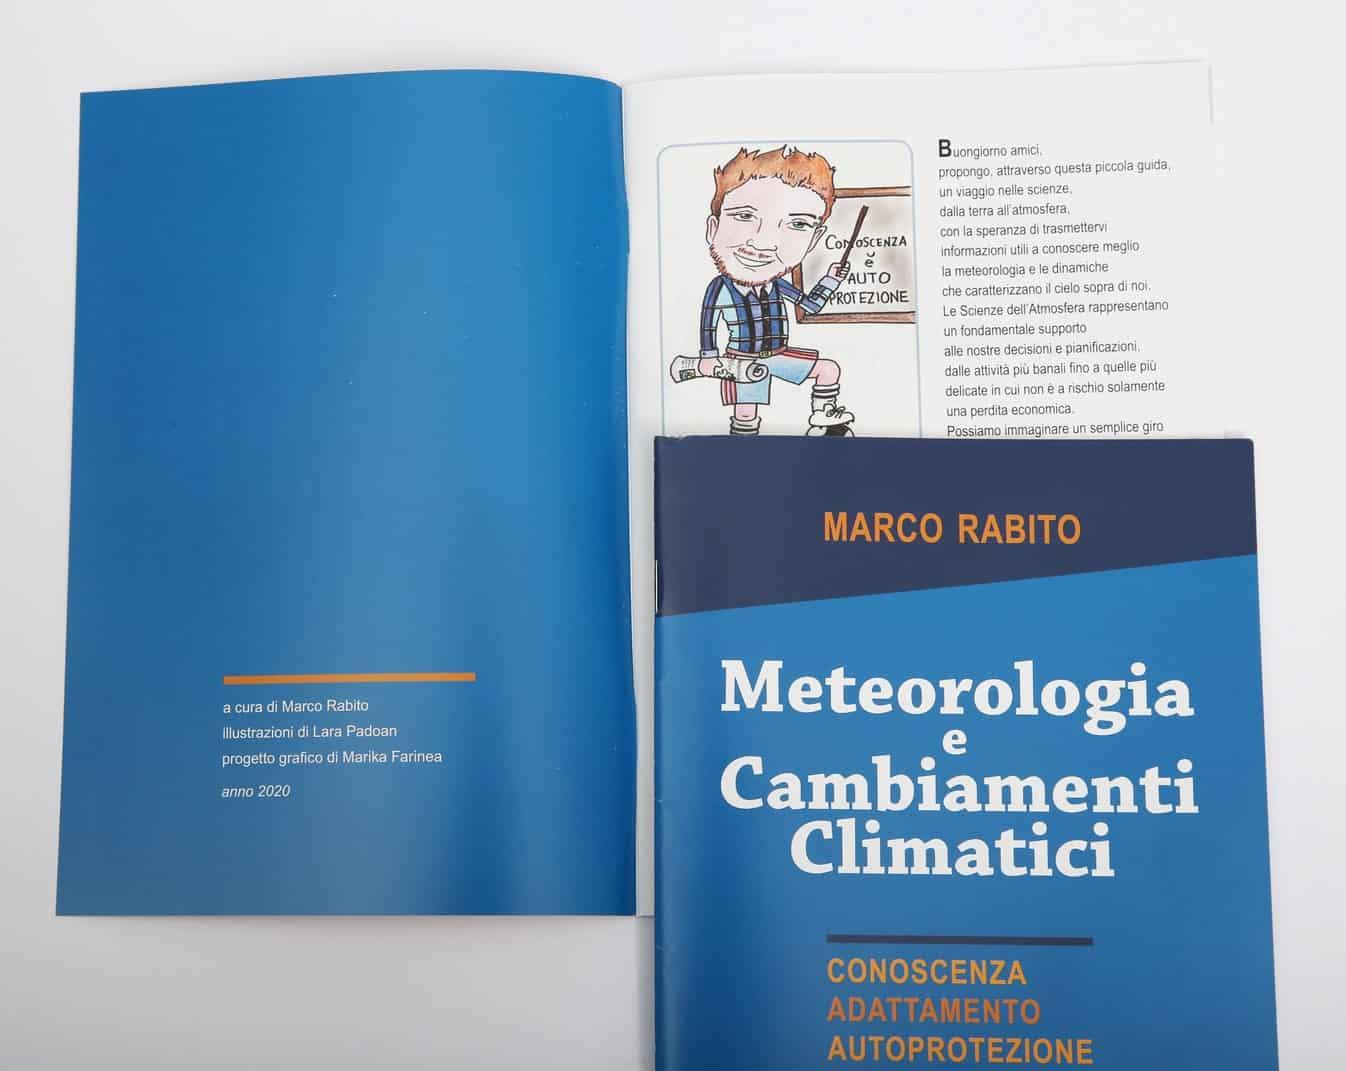 Marco Rabito e Serenissima Meteo, opuscolo, interno e copertina. Tipografia Unione, stampa, Vicenza.